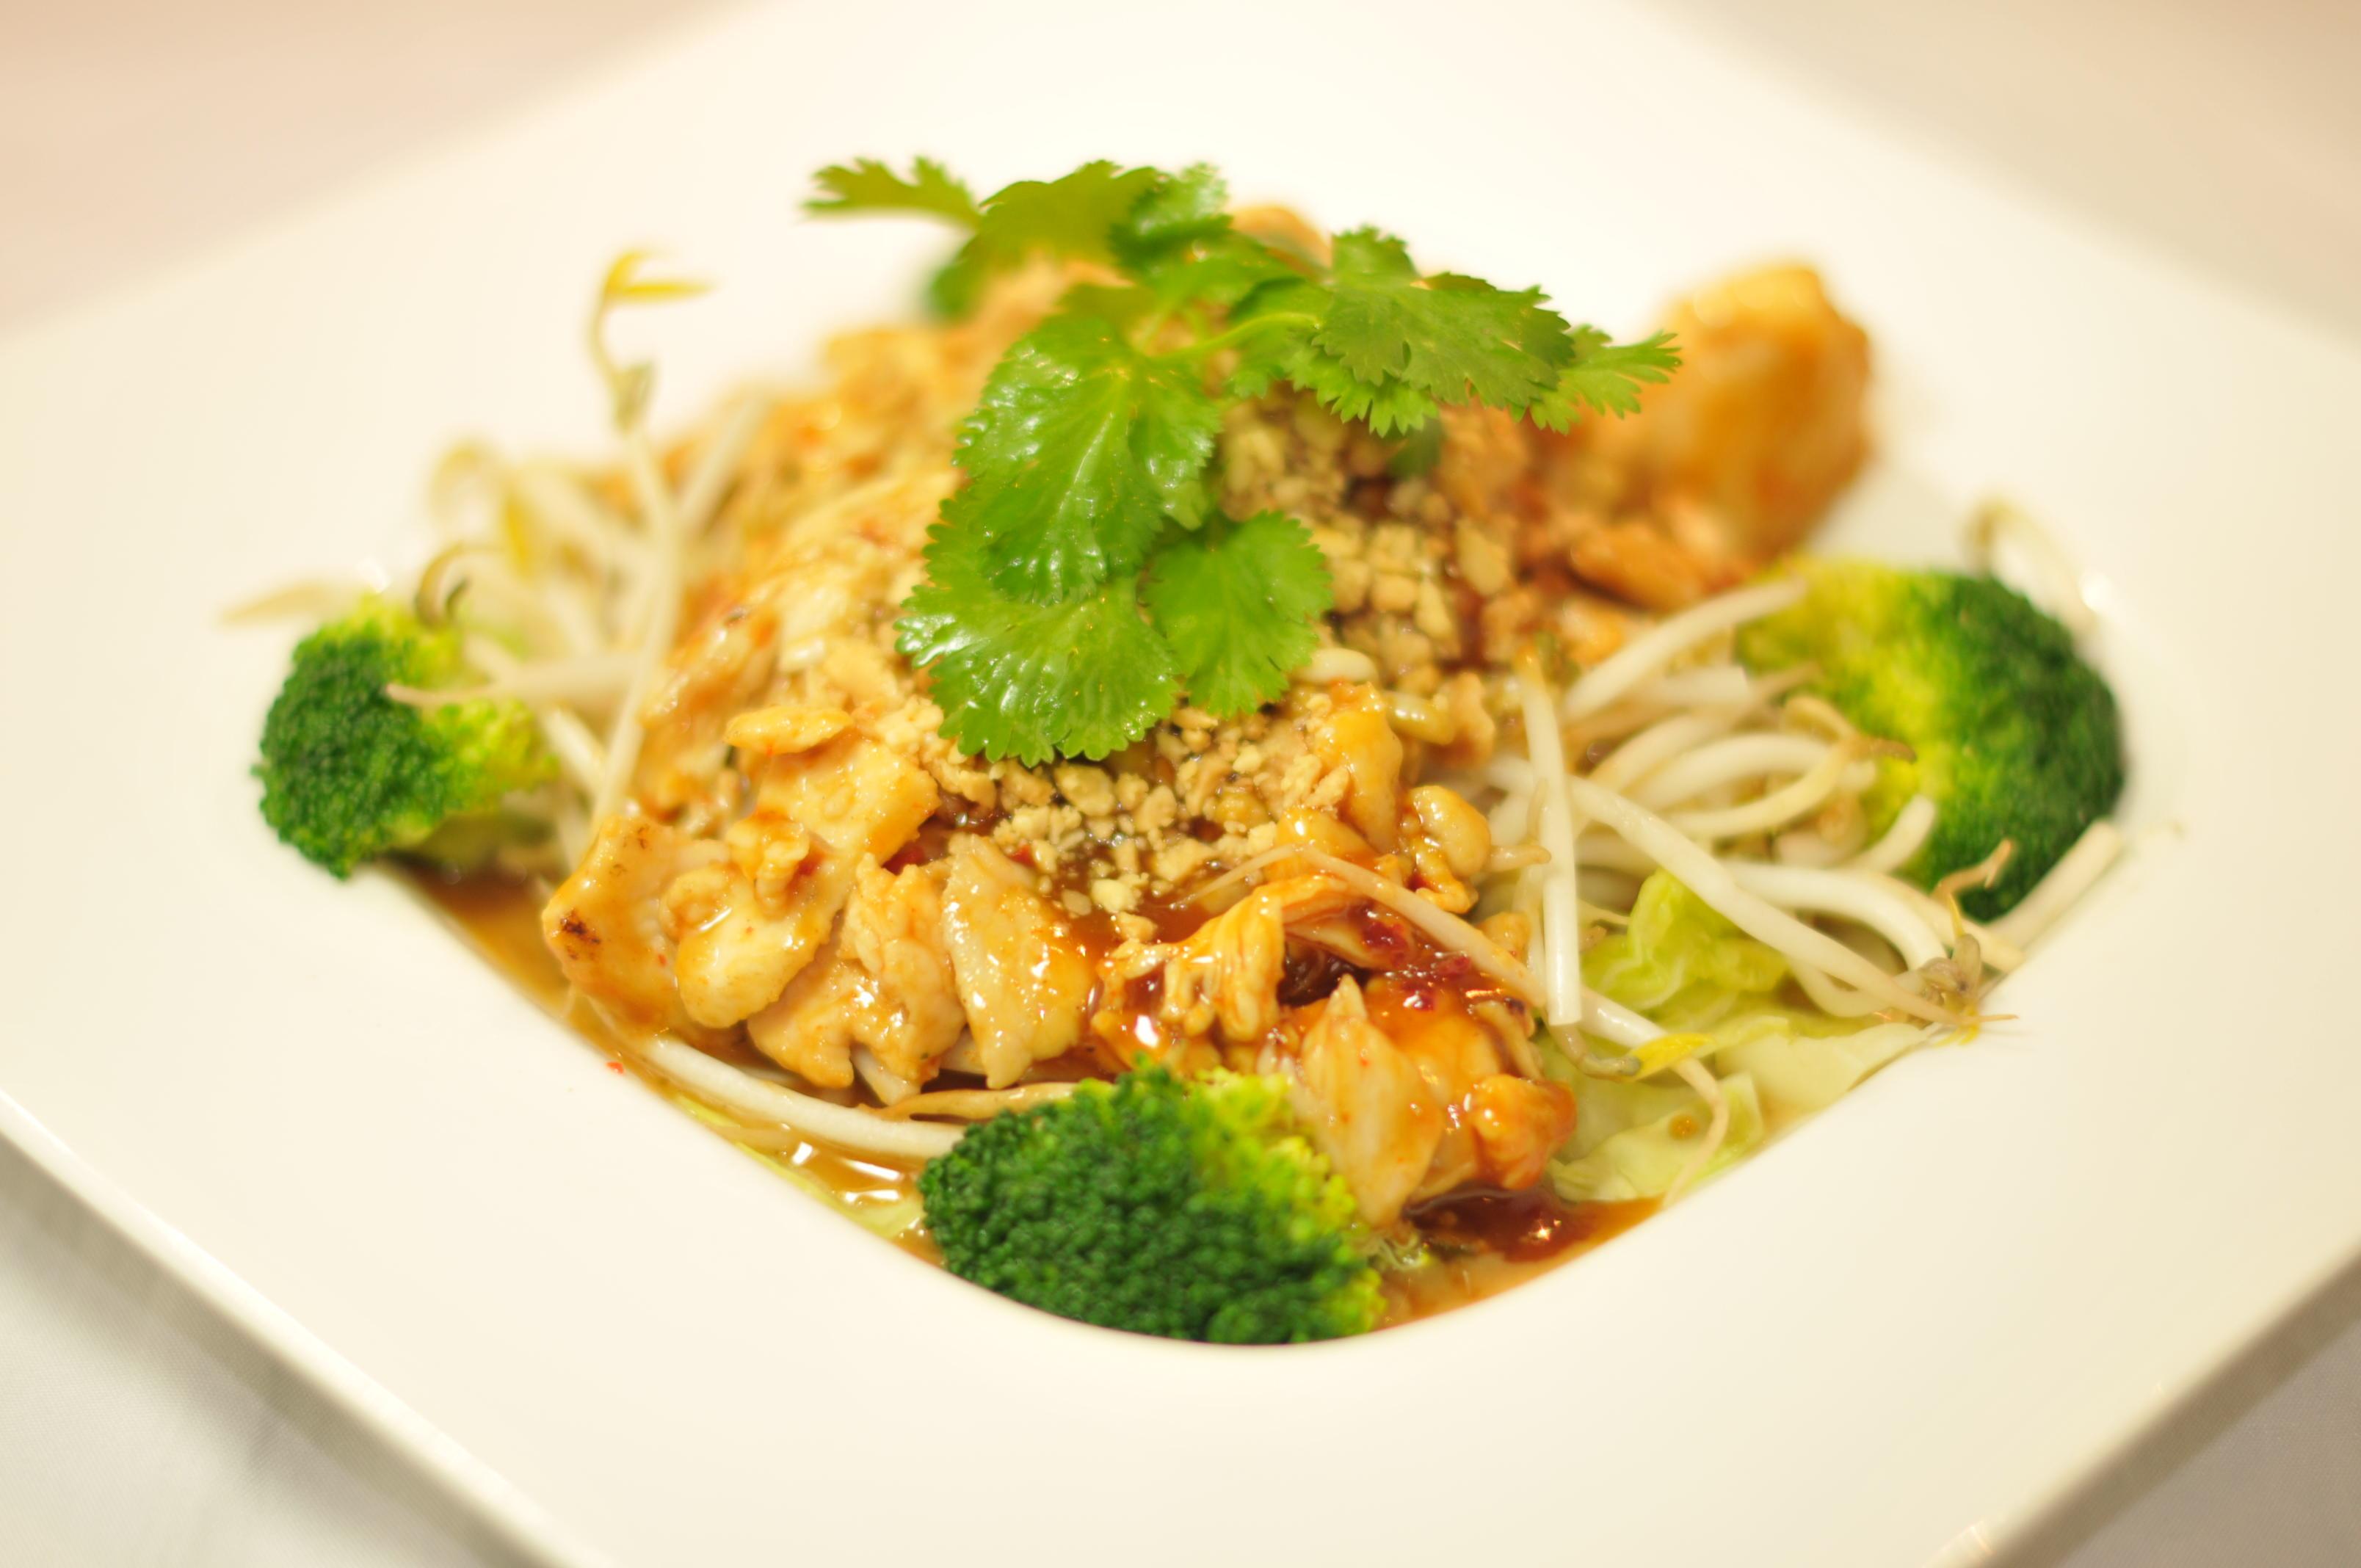 Thai Peanut Sauce Image